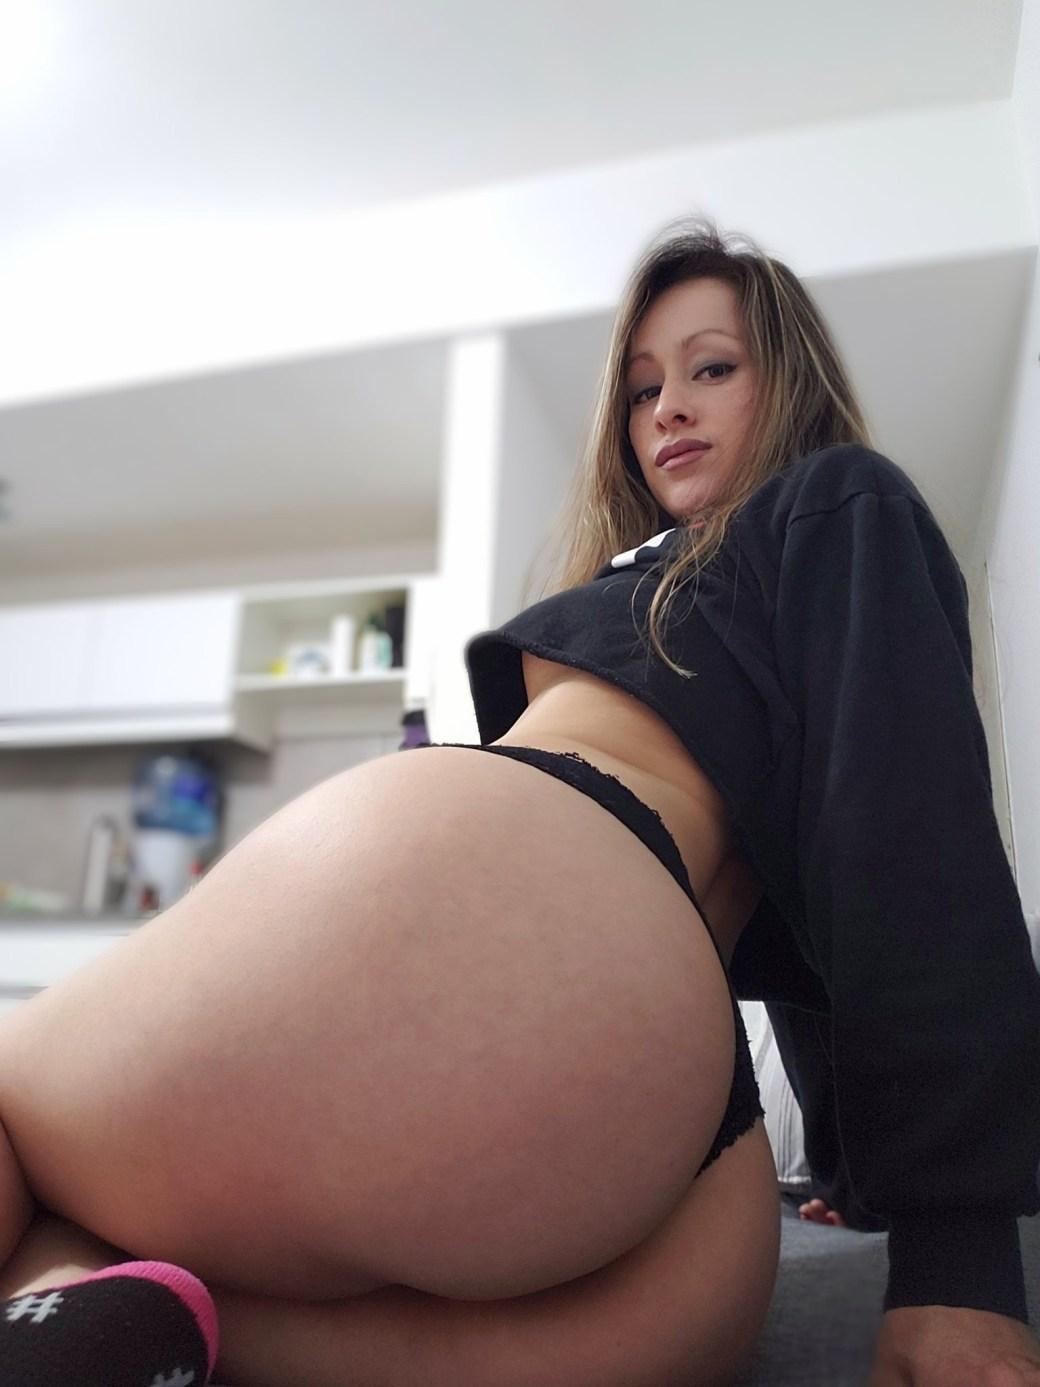 Vicky de onlyfans + Videos hot